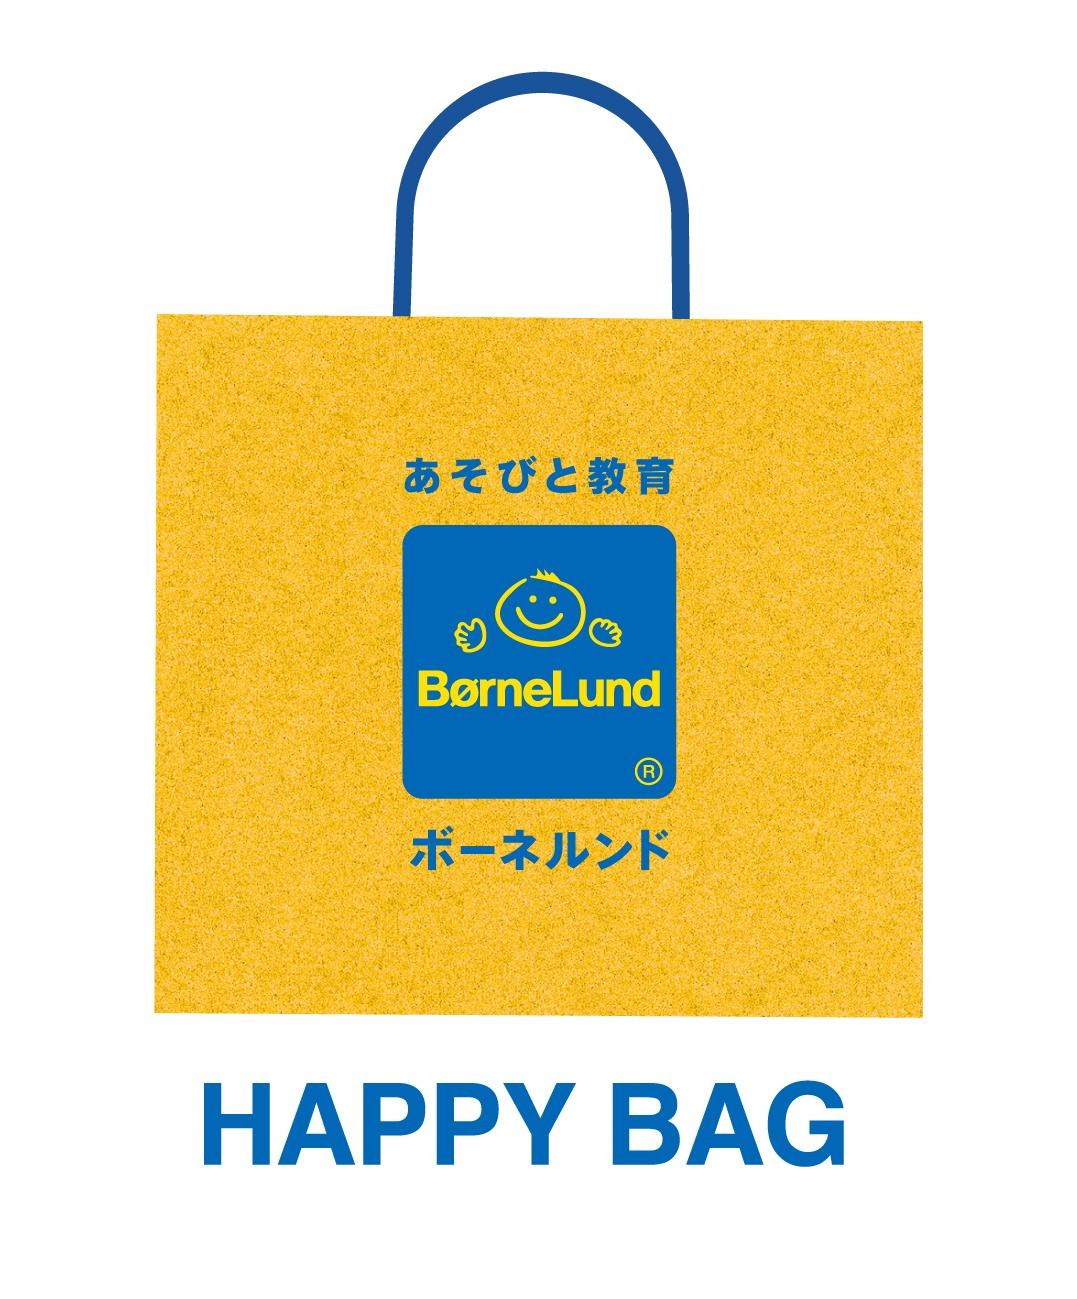 ボーネルンドの福袋 「ハッピーバック2021」販売のお知らせ